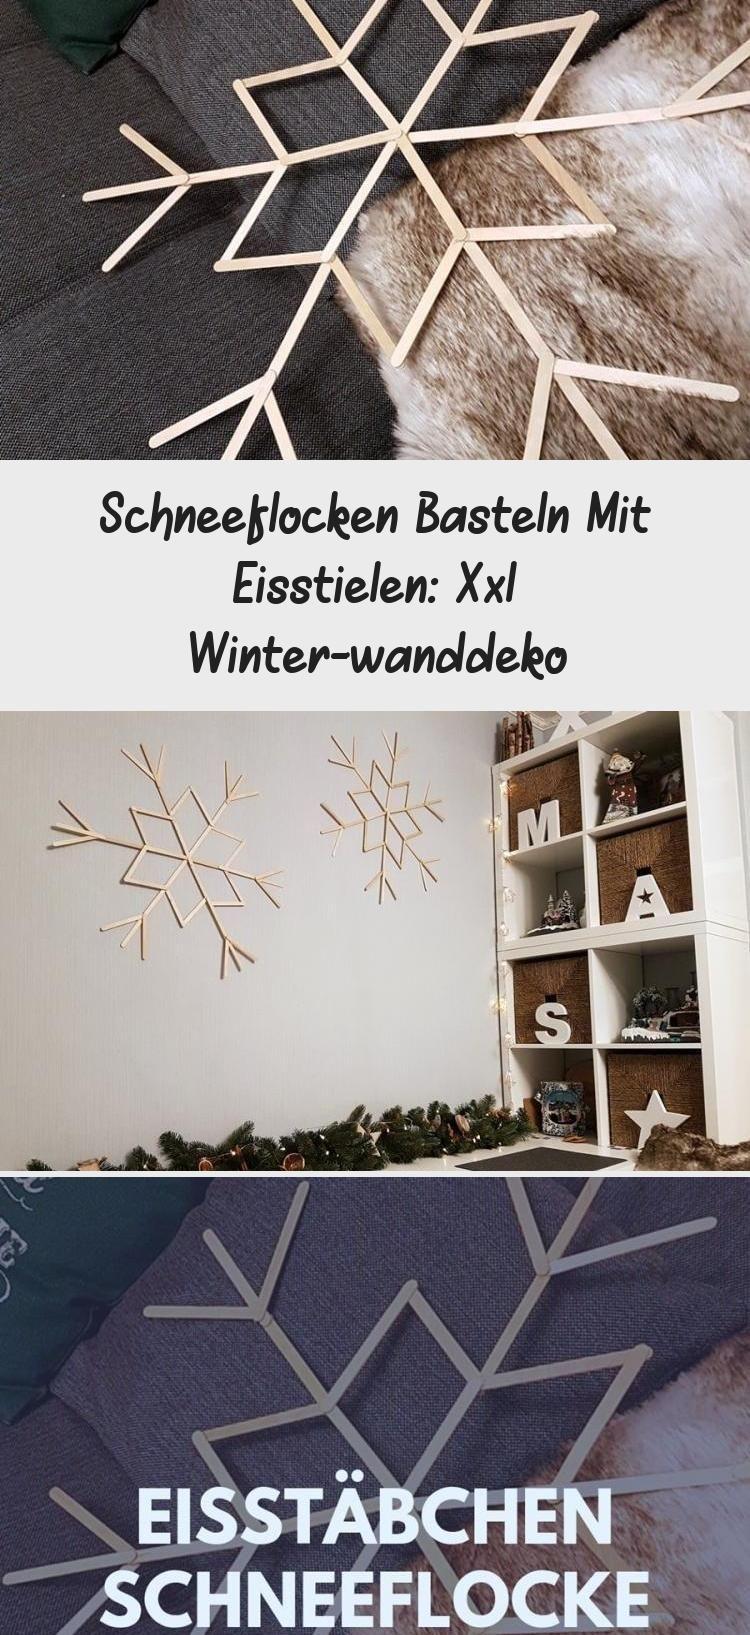 schneeflocken basteln mit eisstielen xxl winterwanddeko